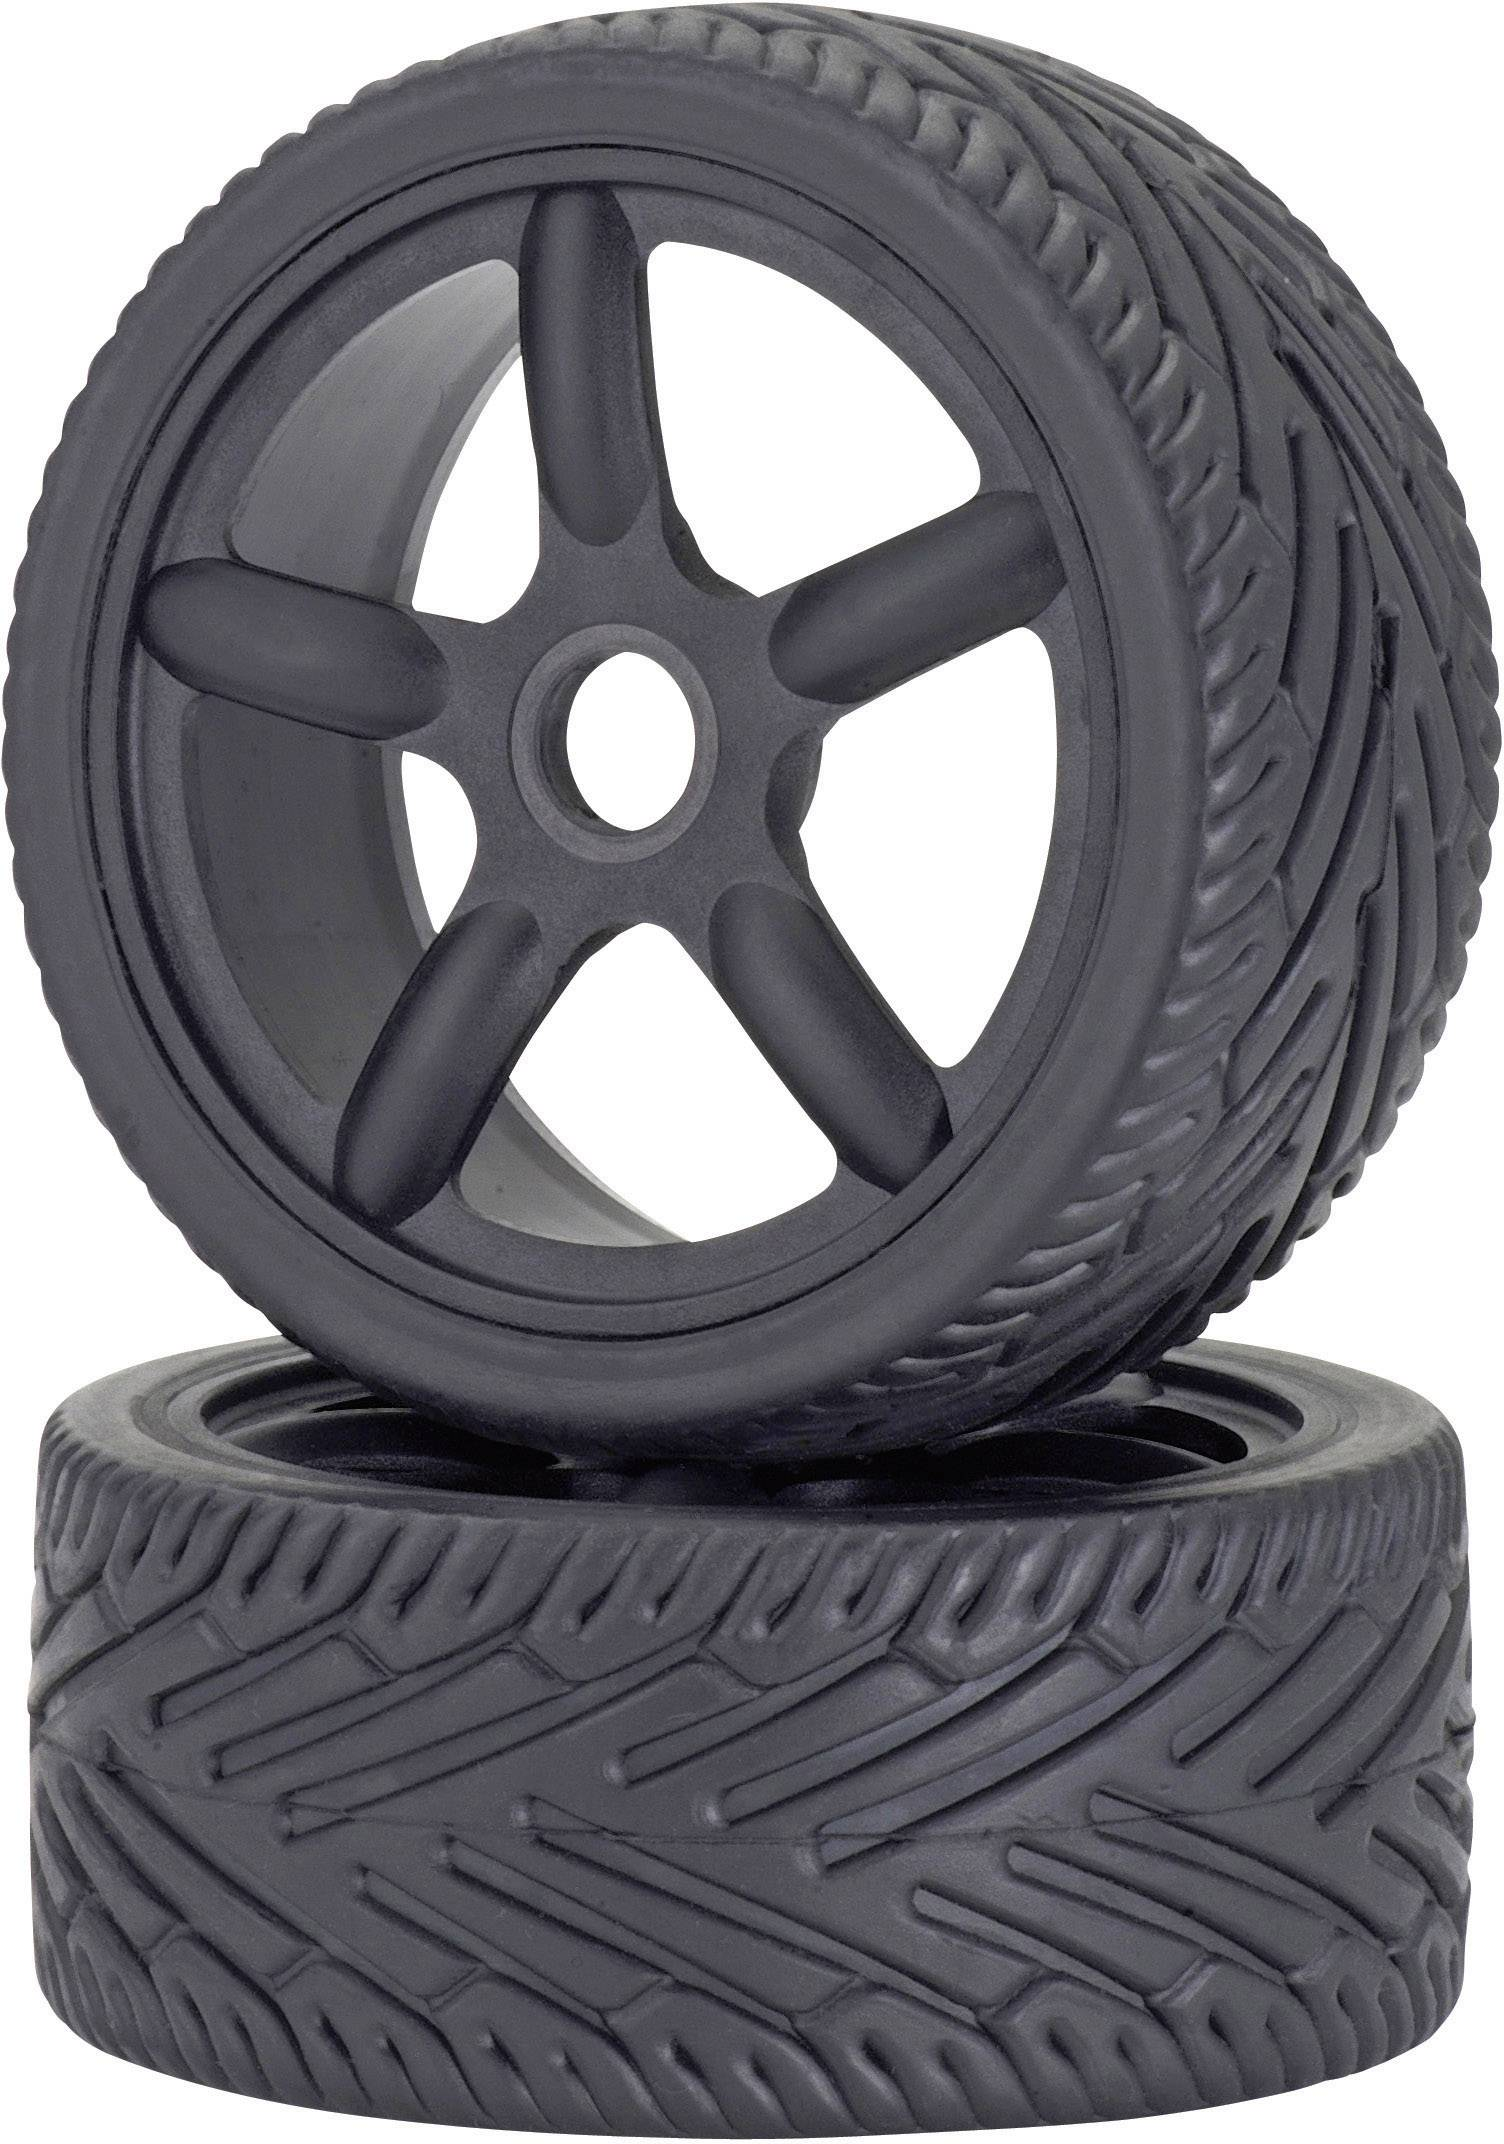 Kompletné kolesá On-Road Carson Modellsport 900076 pre cestný model, 100 mm, 1:8, 2 ks, čierna